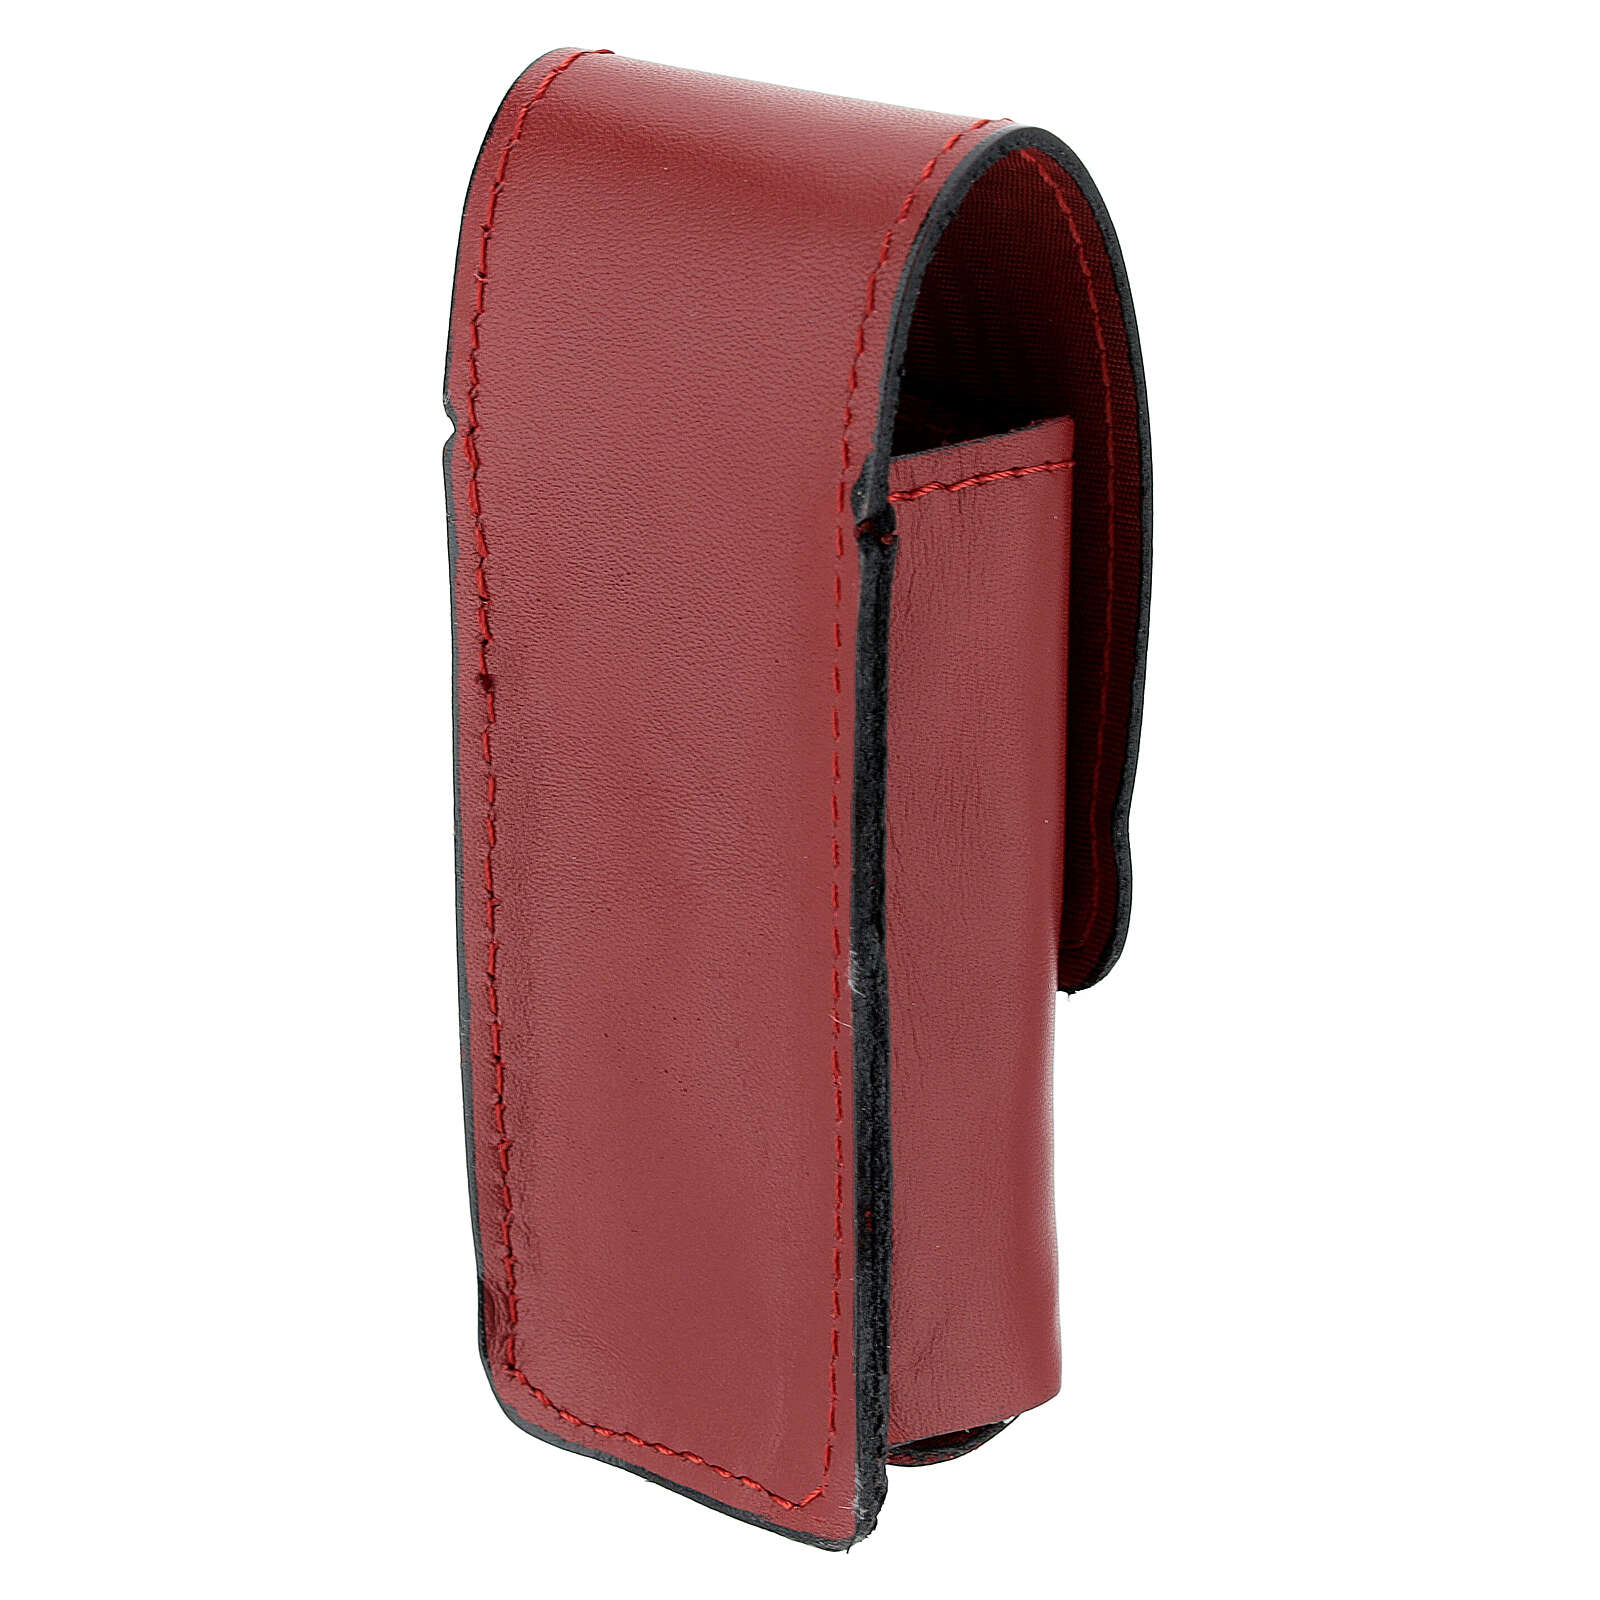 Étui pour goupillon 9 cm cuir véritable rouge 3